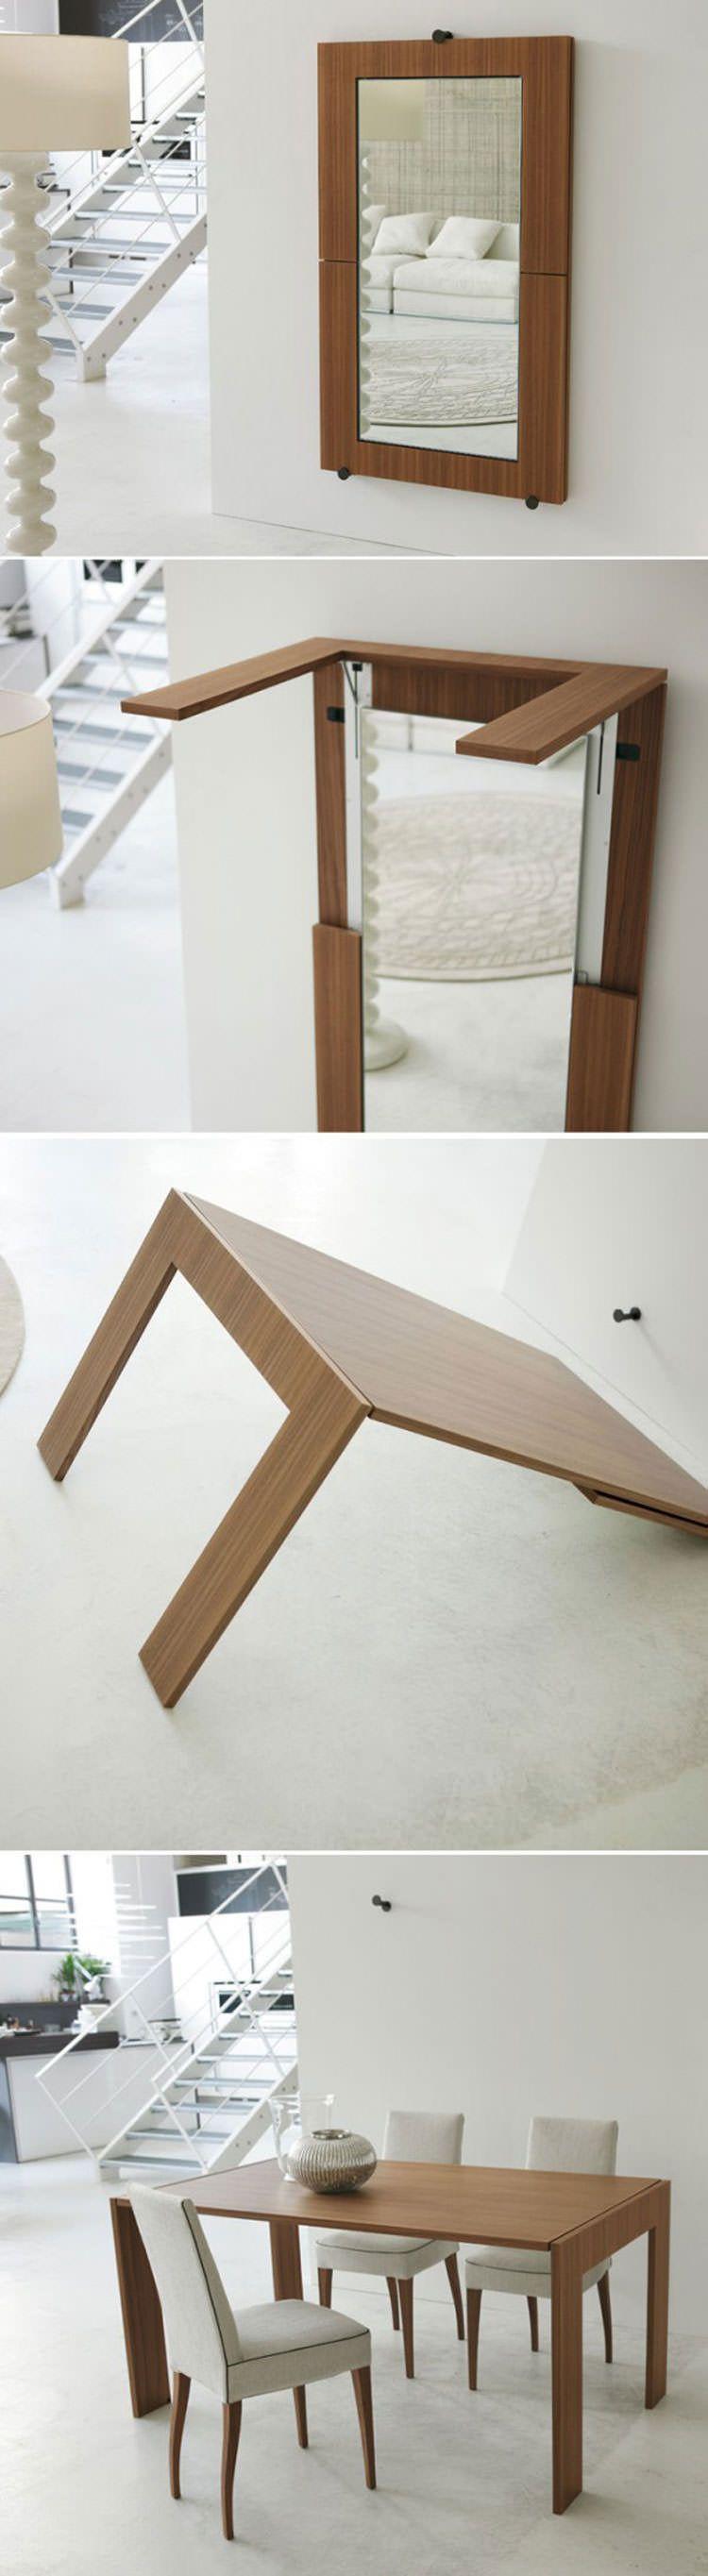 30 Tavoli Allungabili Moderni dal Design Particolare | Small spaces ...